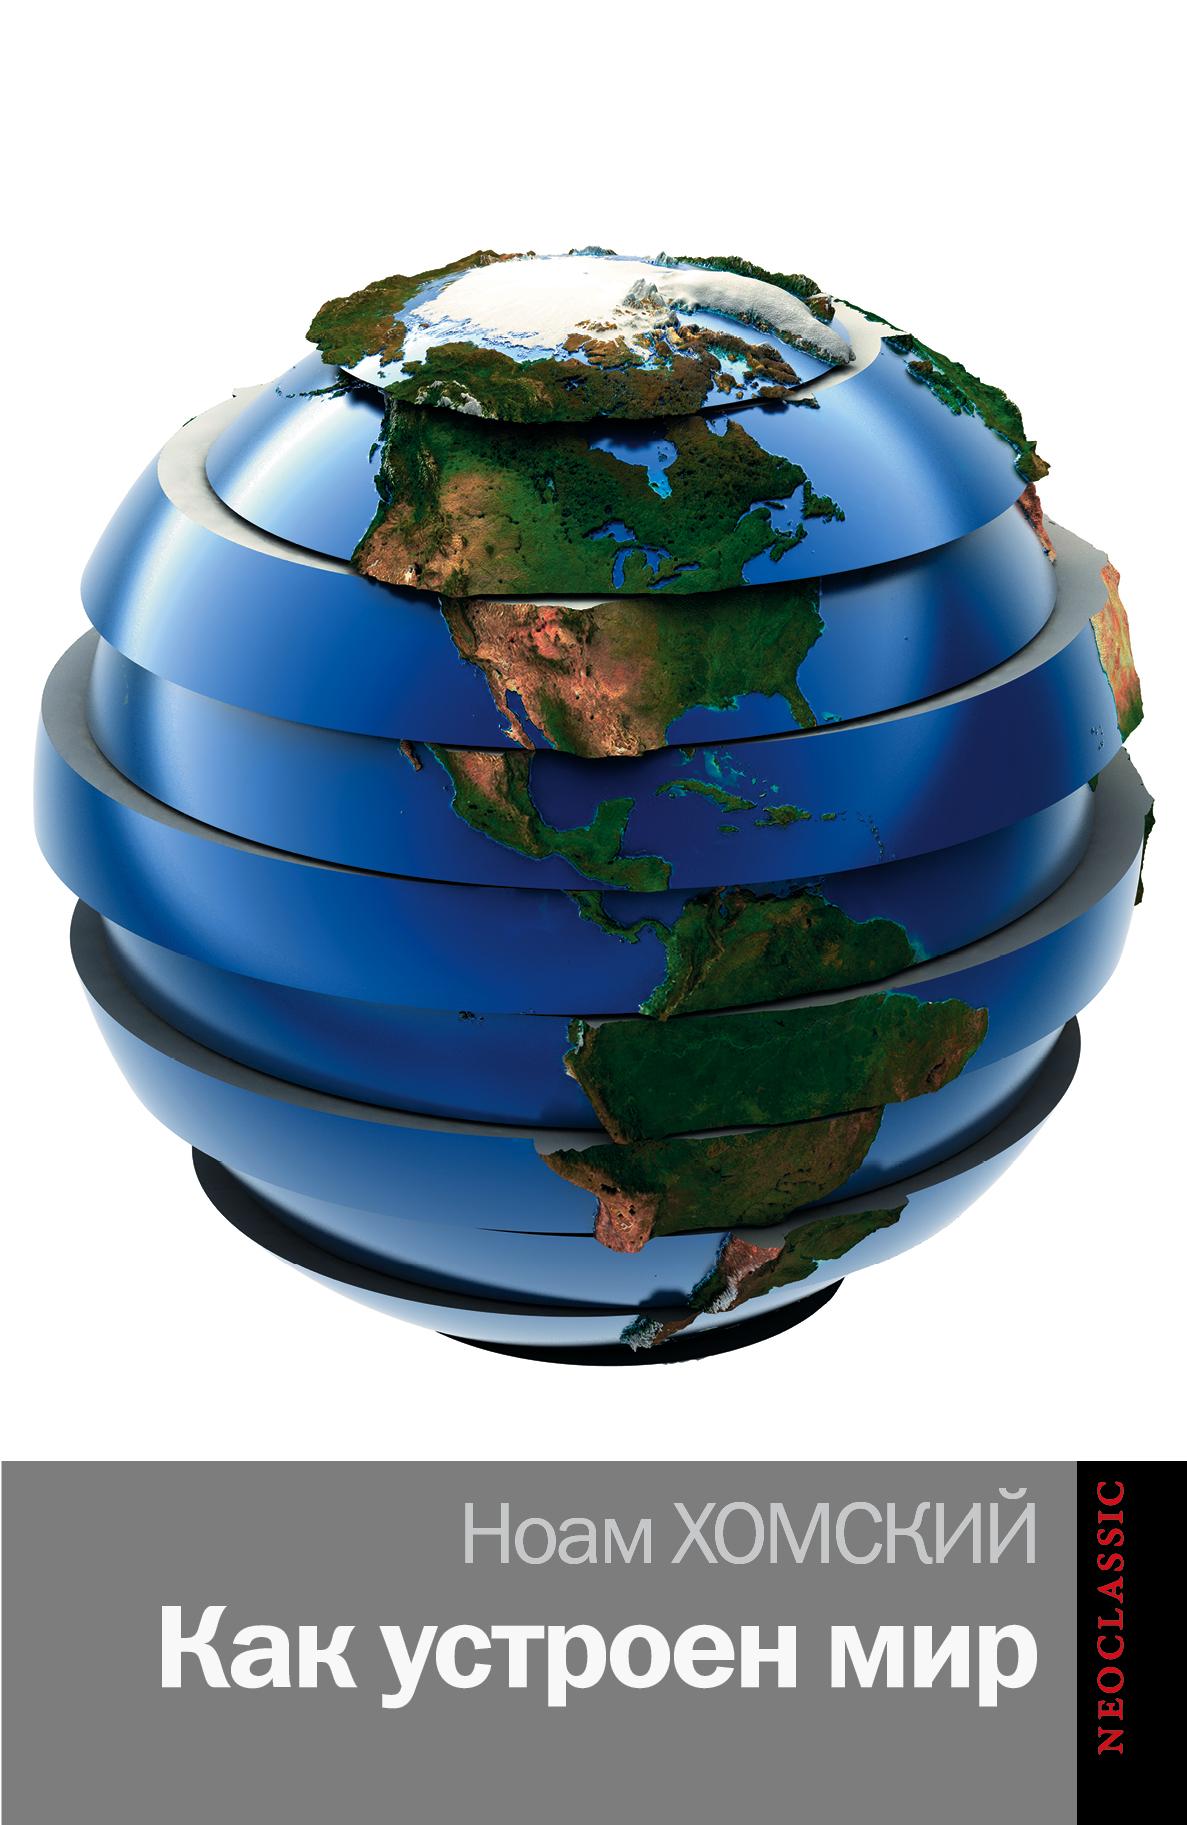 Хомский Н. Как устроен мир ISBN: 978-5-17-082586-8 ноам хомский как устроен мир